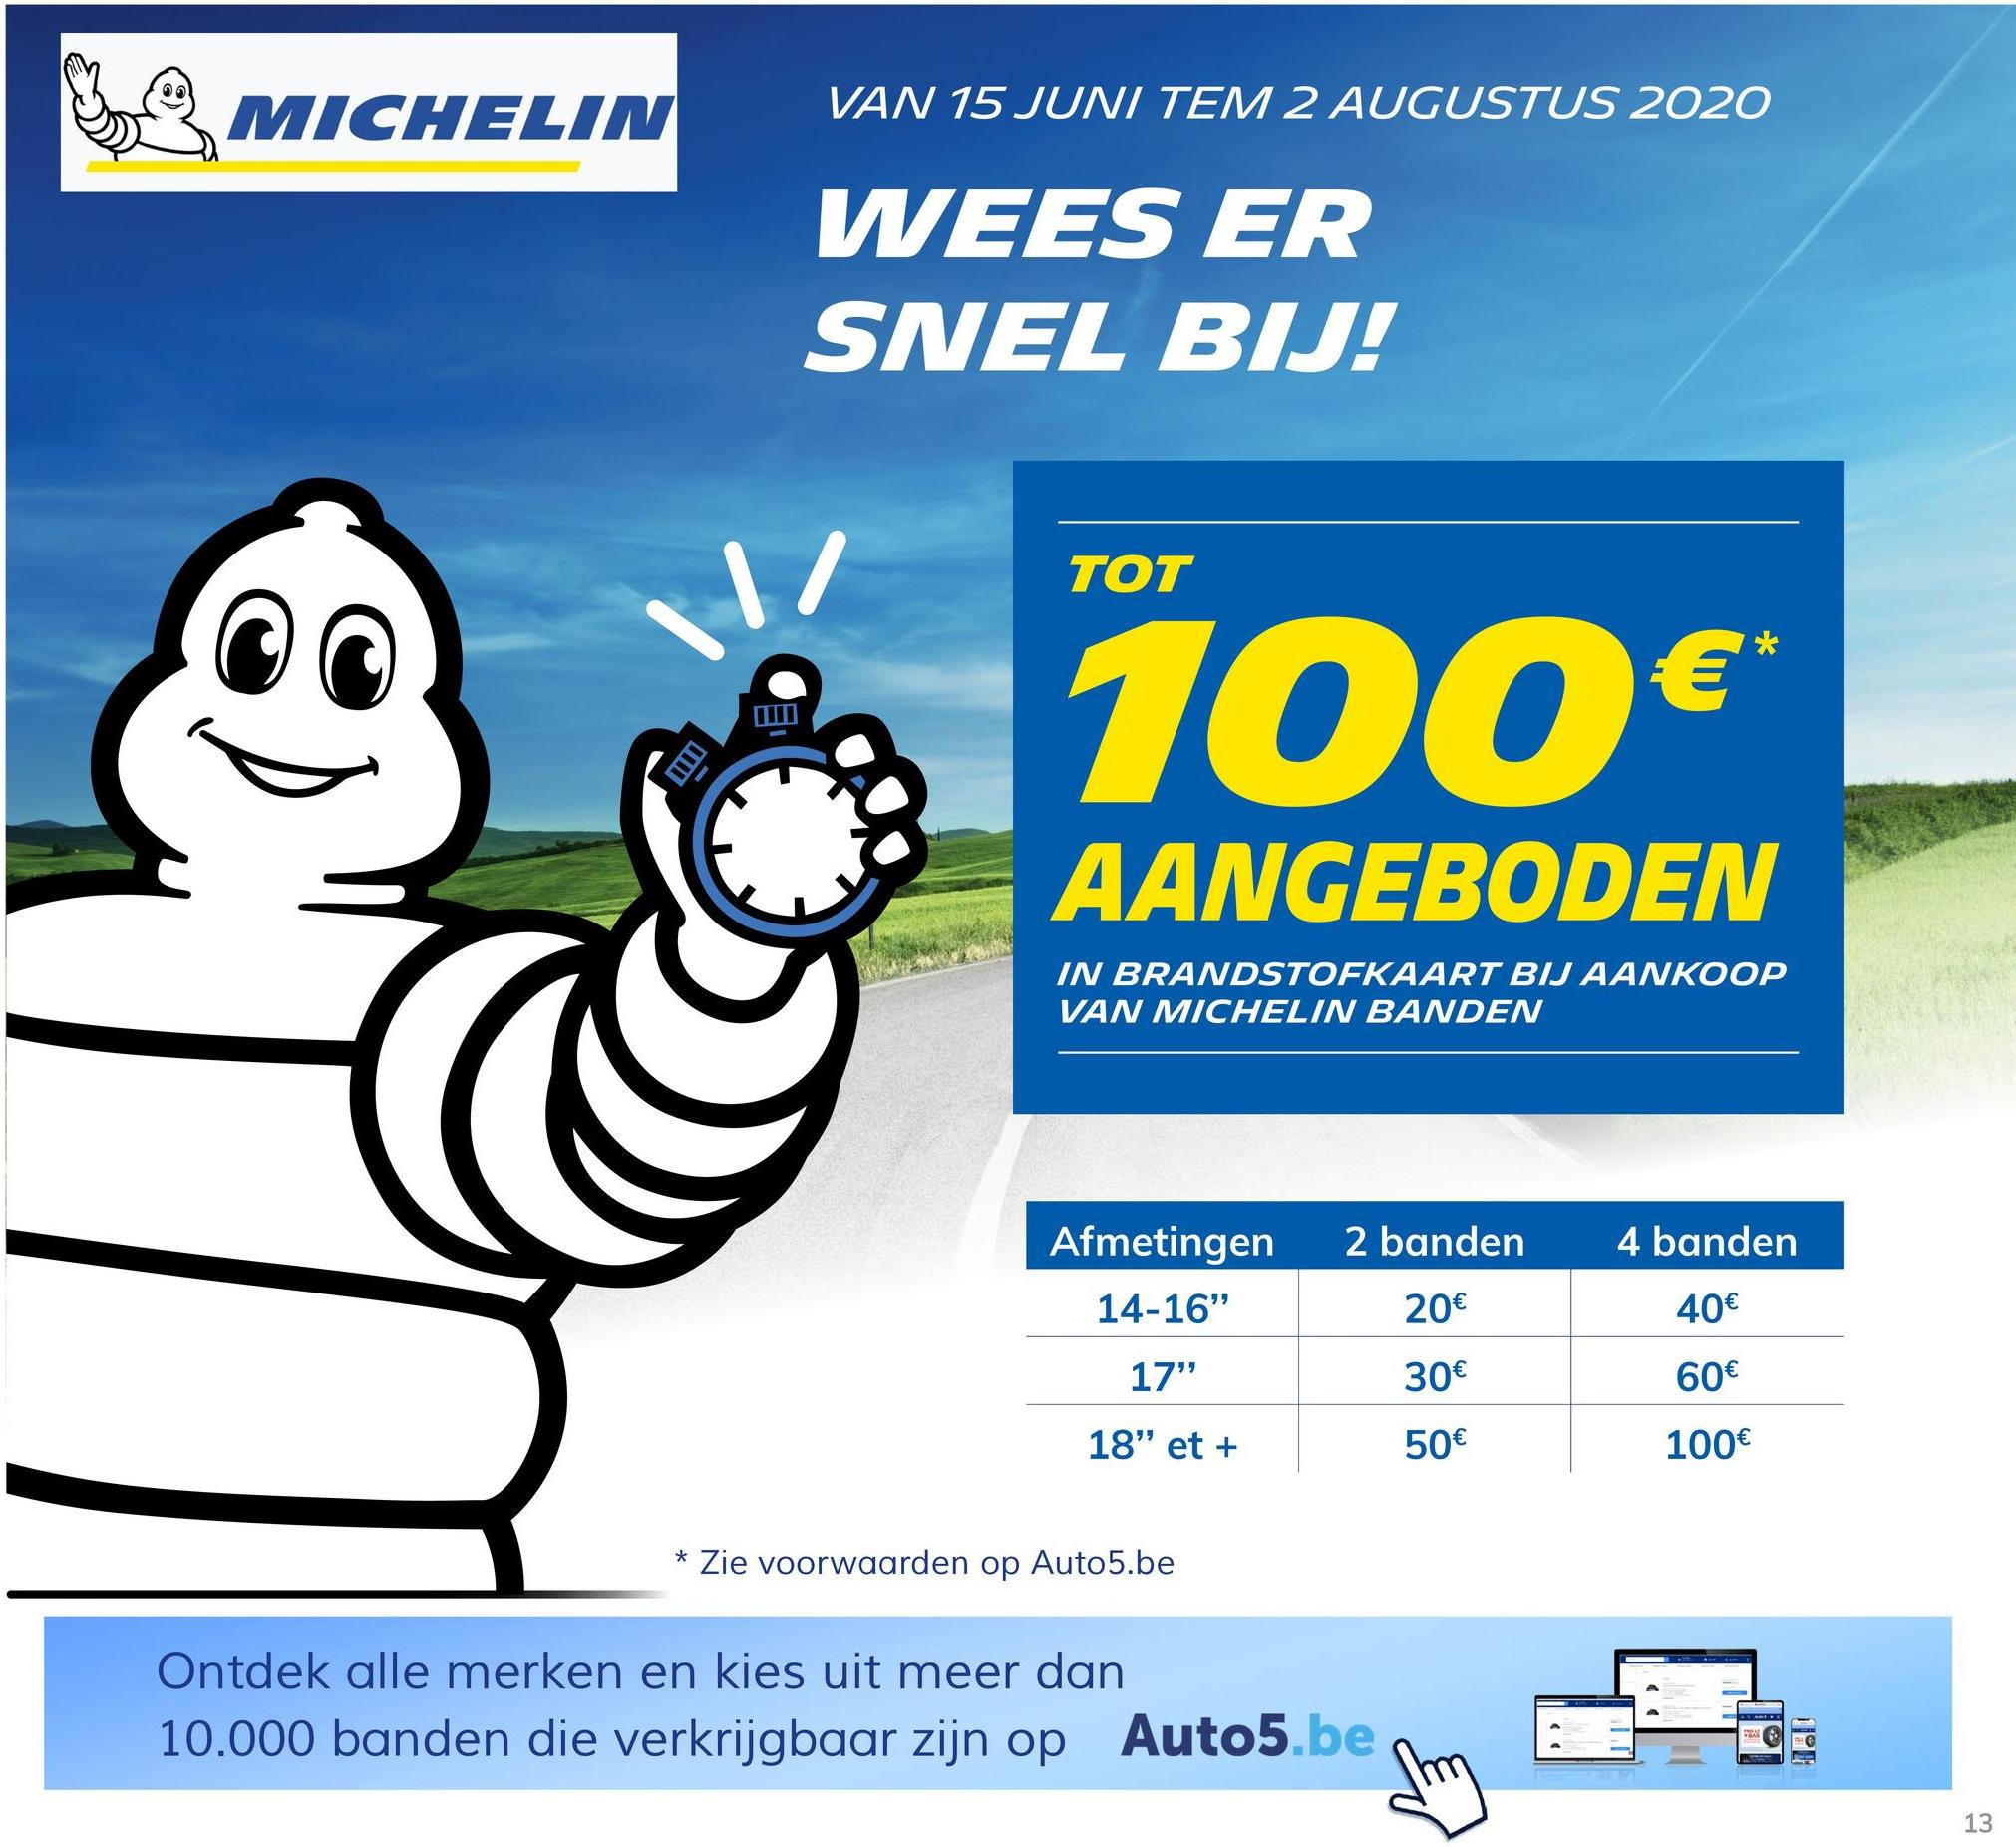 """MICHELIN VAN 15 JUNI TEM 2 AUGUSTUS 2020 WEES ER SNEL BIJ! TOT 100€ AANGEBODEN IN BRANDSTOFKAART BIJ AANKOOP VAN MICHELIN BANDEN Afmetingen 2 banden 4 banden 14-16"""" 20€ 40€ 17"""" 30€ 60€ 18"""" et + 50€ 100€ * Zie voorwaarden op Auto5.be Ontdek alle merken en kies uit meer dan 10.000 banden die verkrijgbaar zijn op Auto5.be sm 13"""